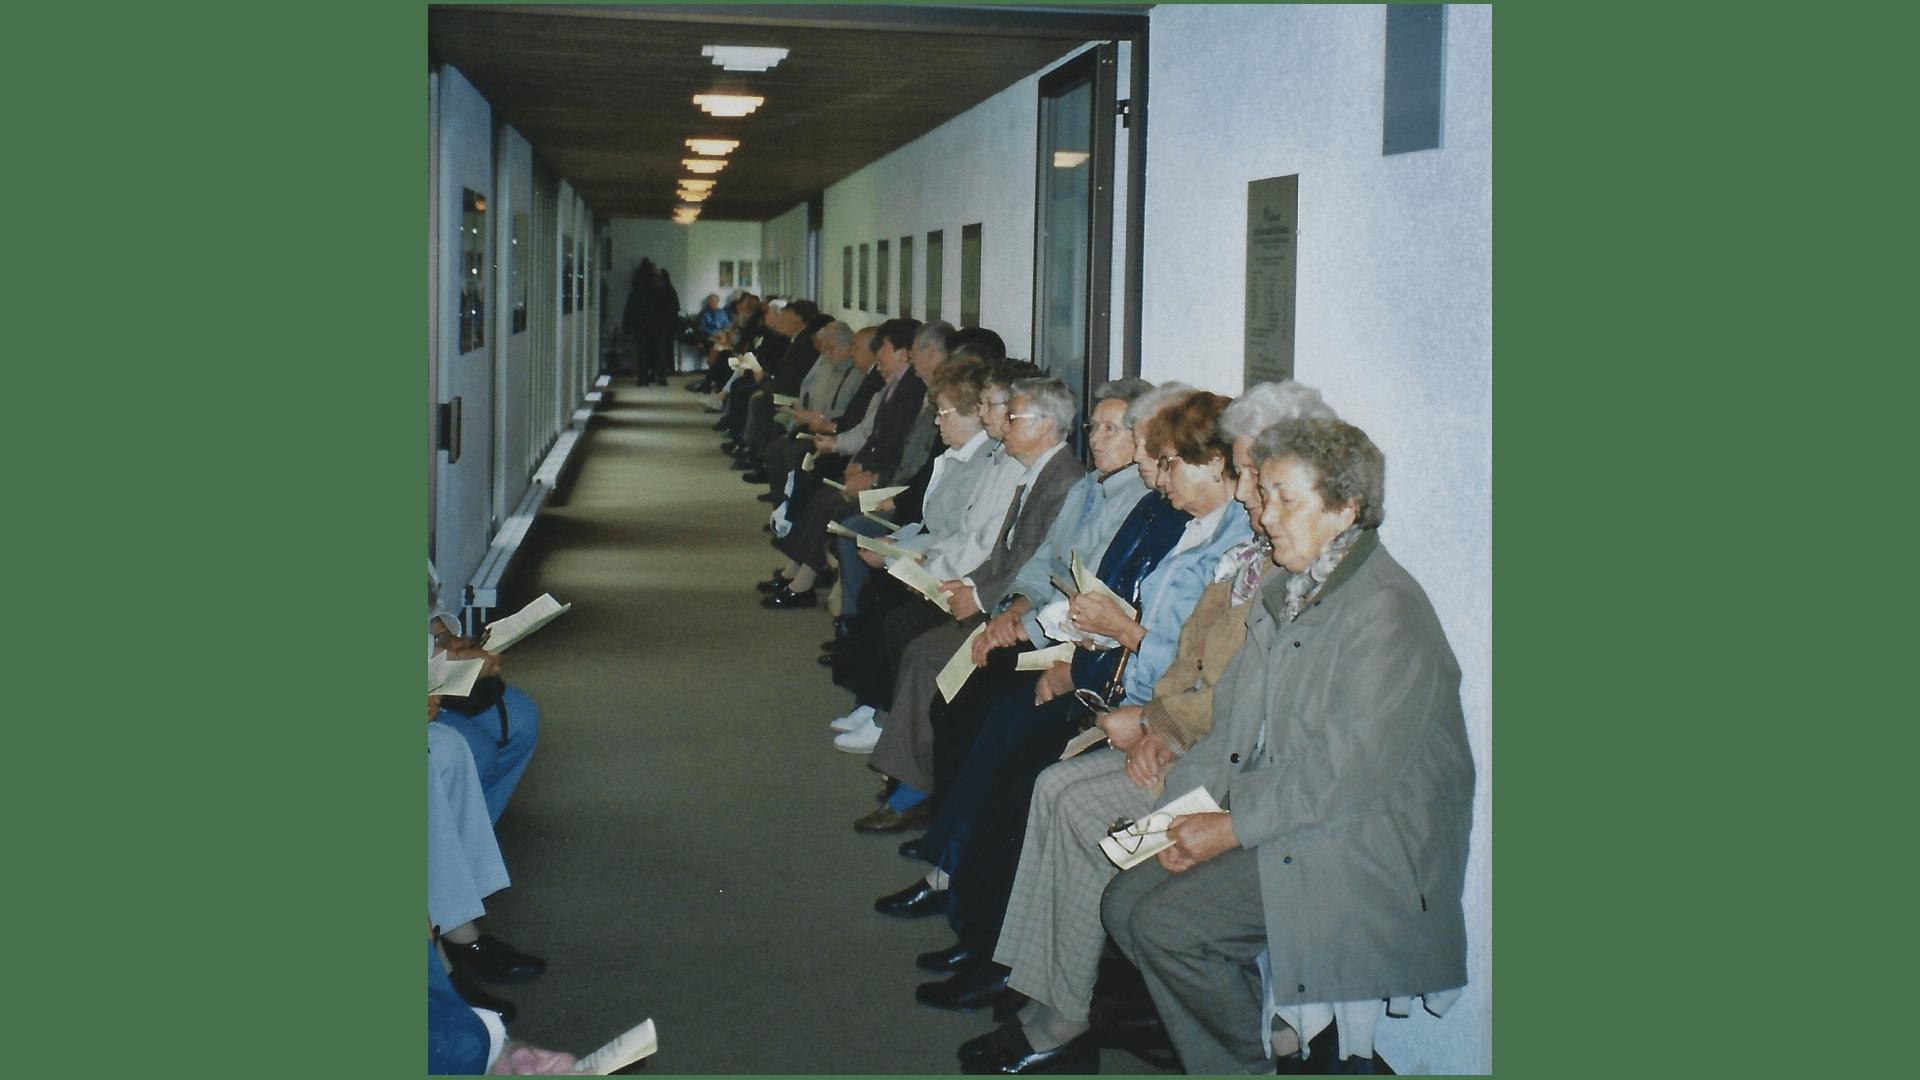 Wallfahrt 2005 bei Regen- Andacht über Lautsprecher. Foto: Archiv Arme Schulschwestern